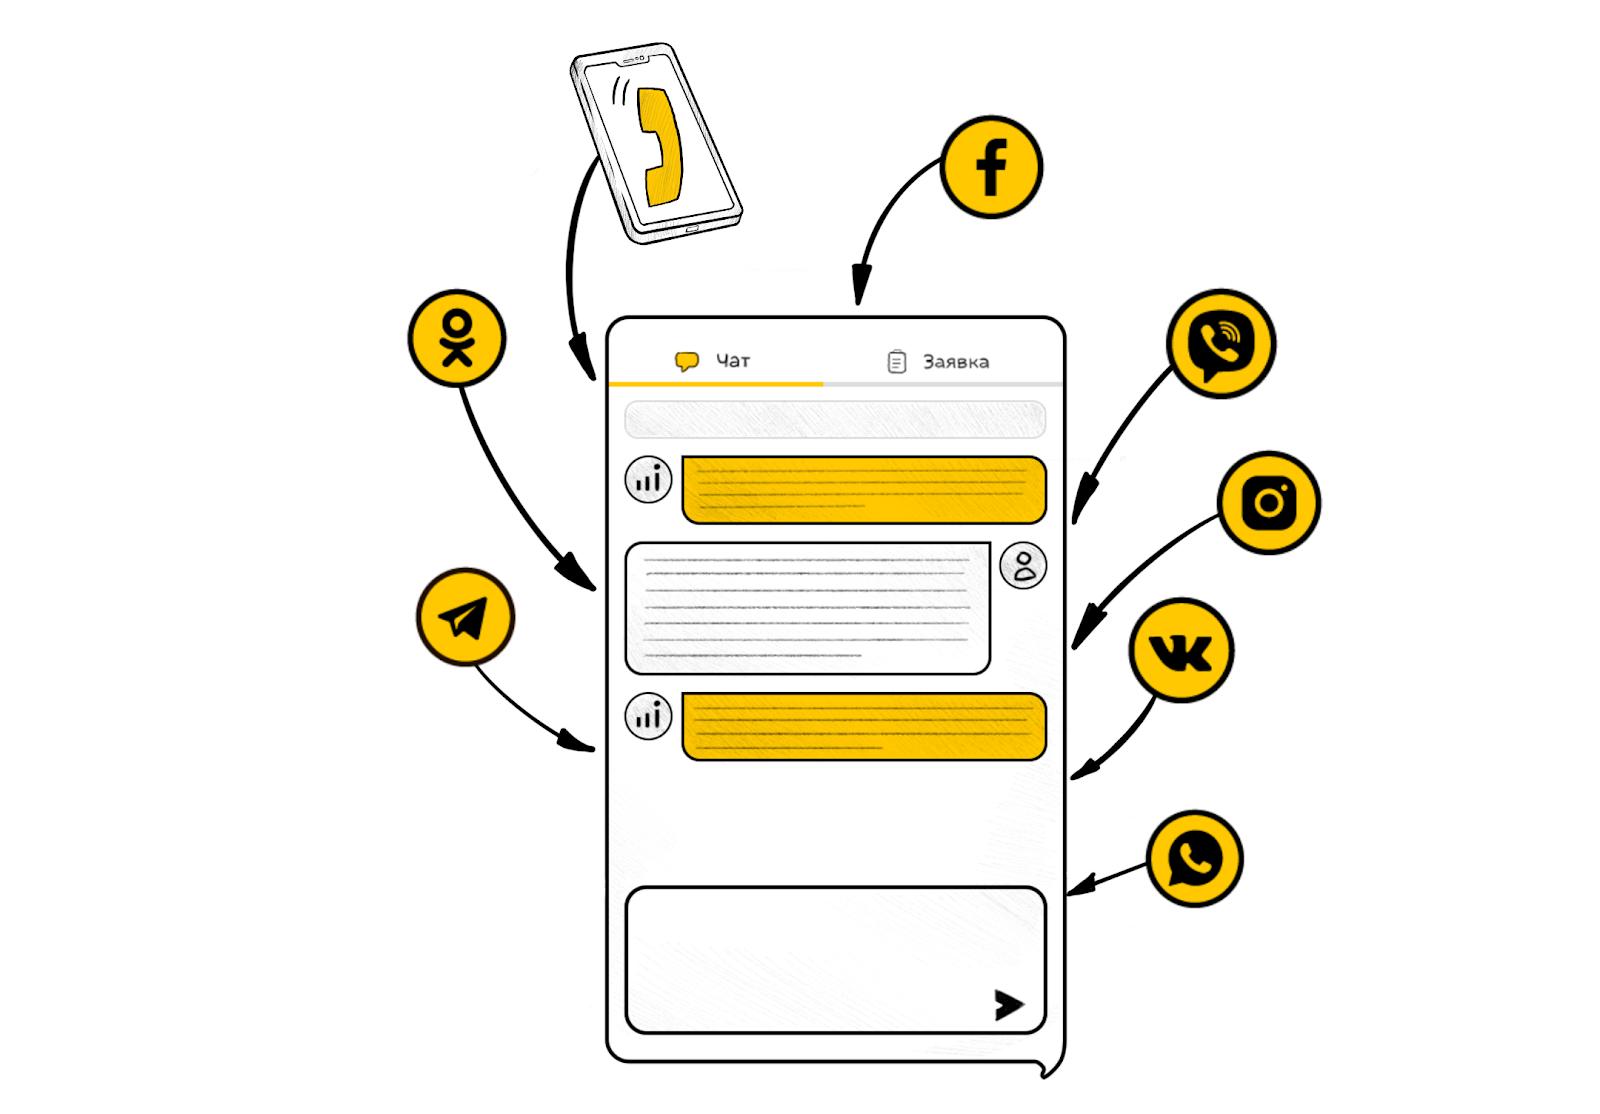 В МультиЧат Callibri встроен агрегатор соцсетей и мессенджеров, чтобы вы могли ускорить работу с клиентами